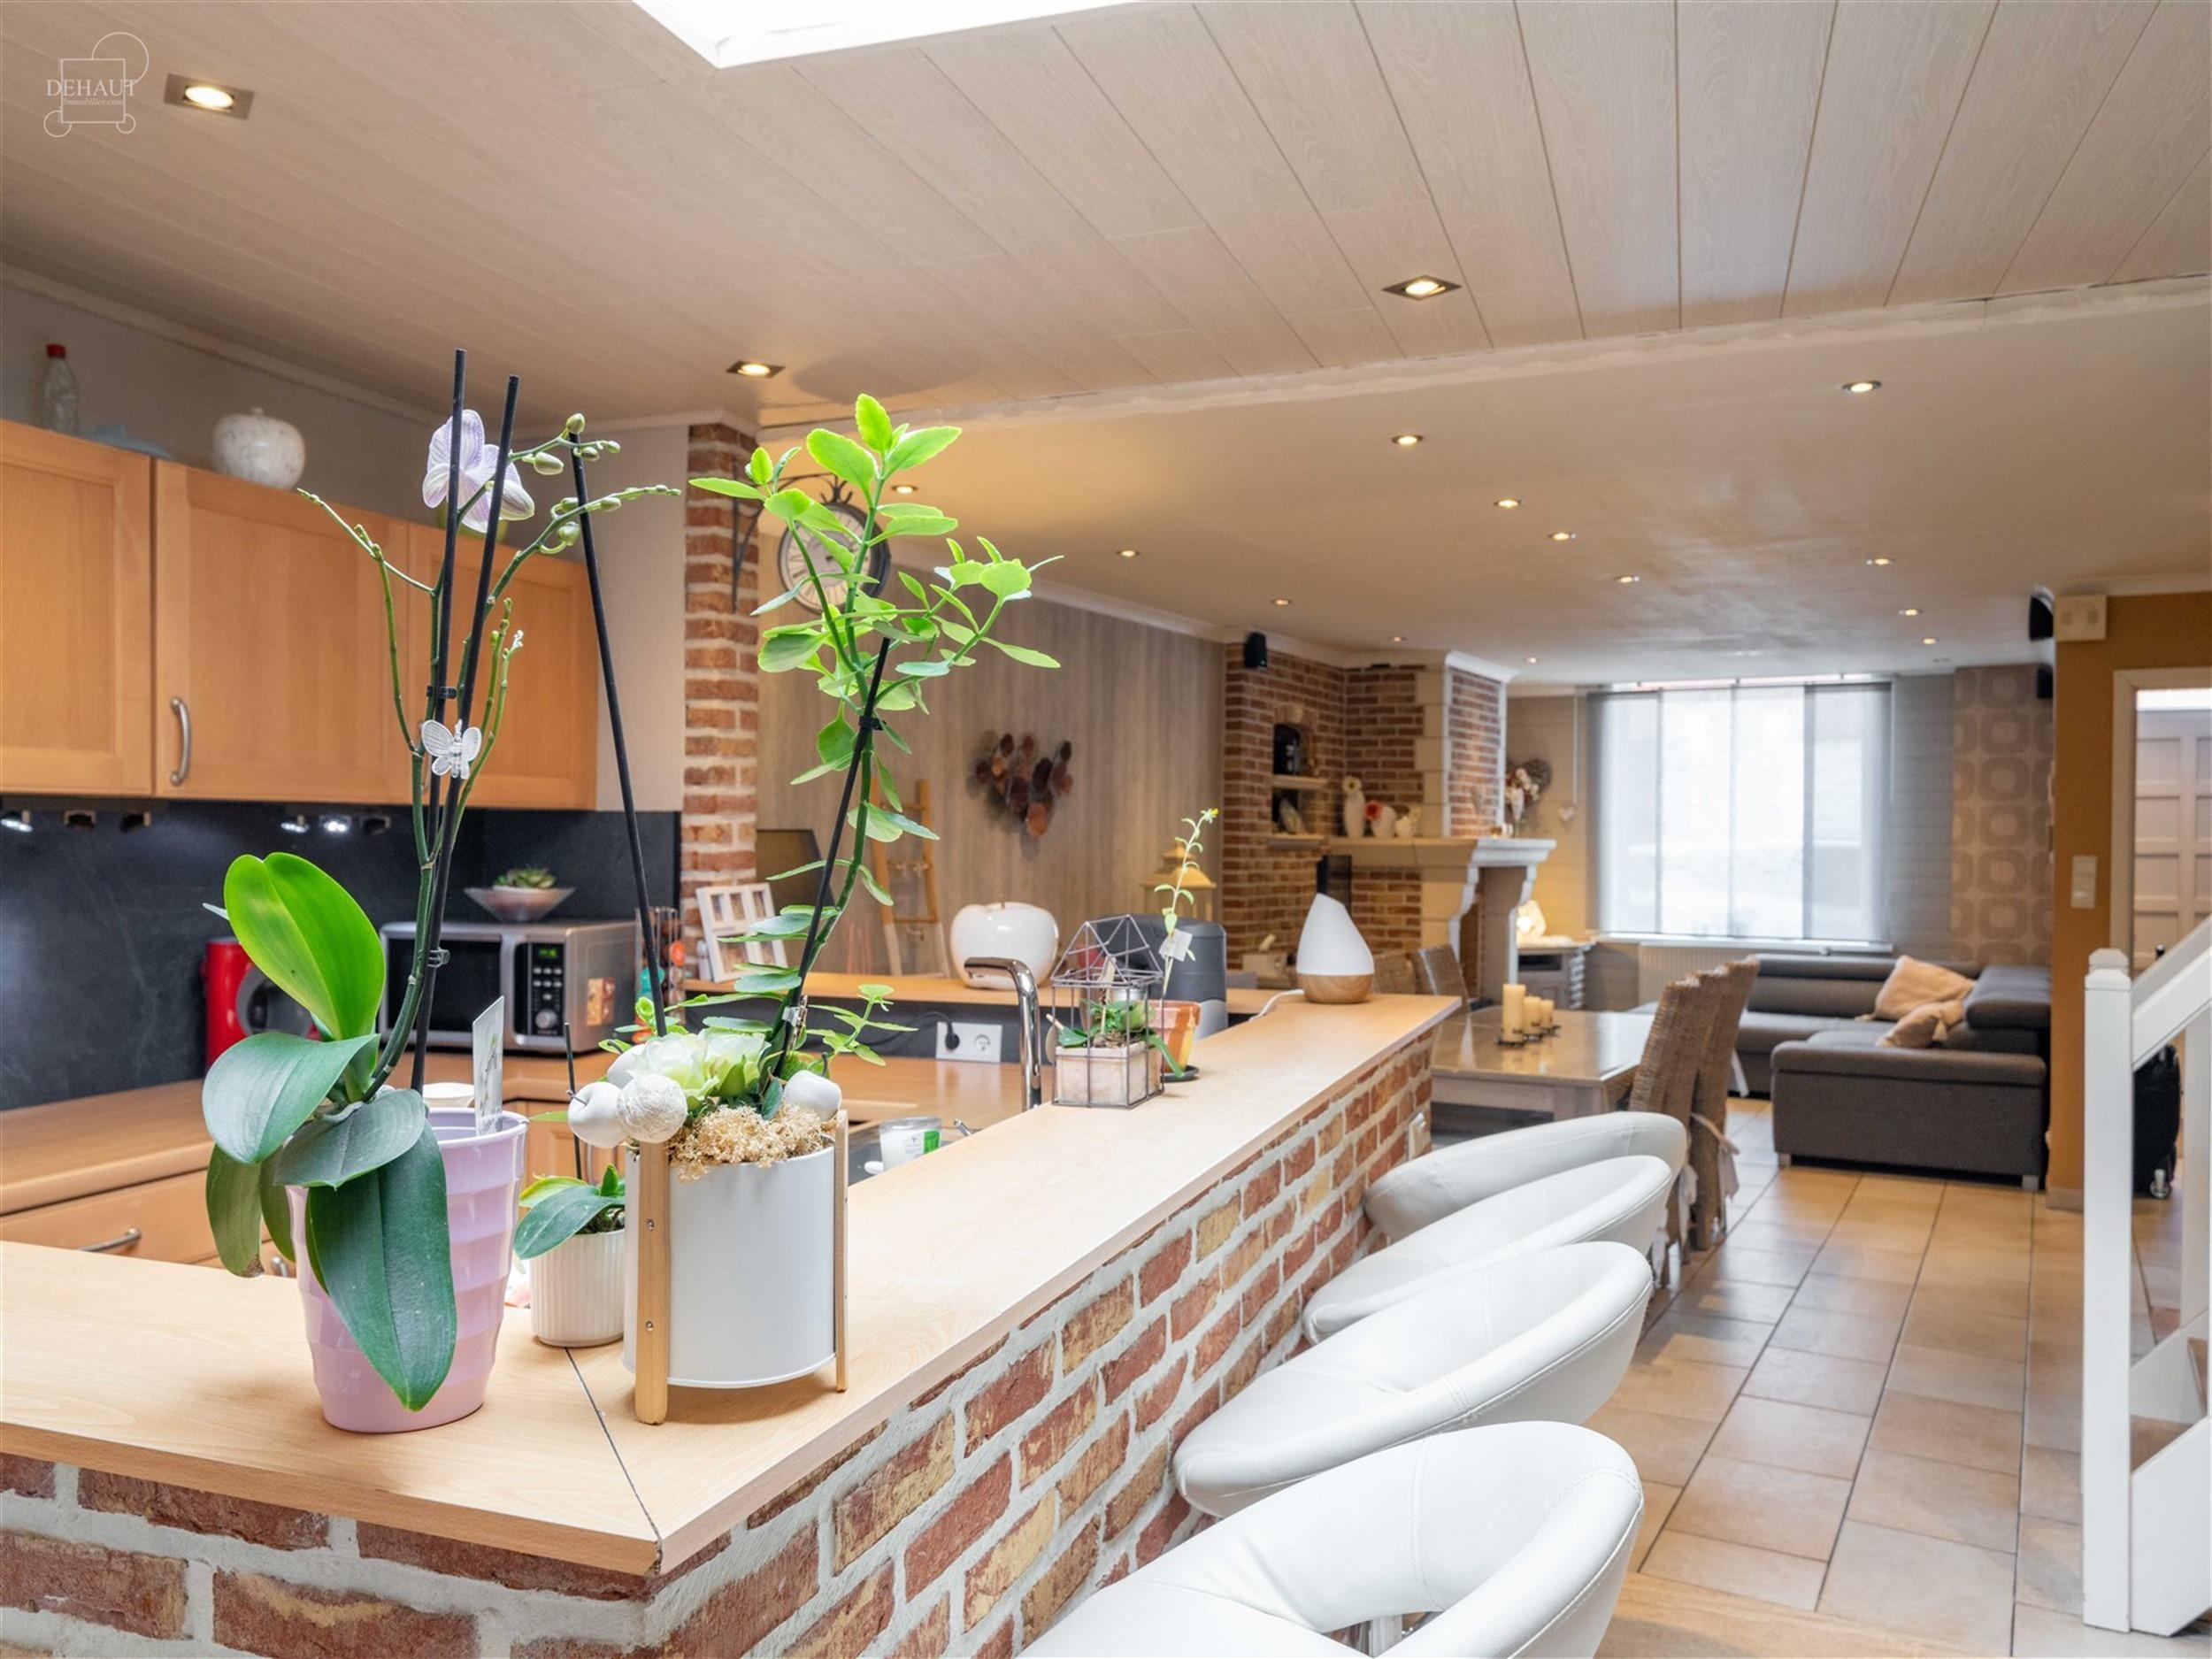 Superbe maison de ville idéalement située à proximité du centre-ville. Comprend un hall d'entrée, un séjour ouvert, une cuisine équipée, une s...